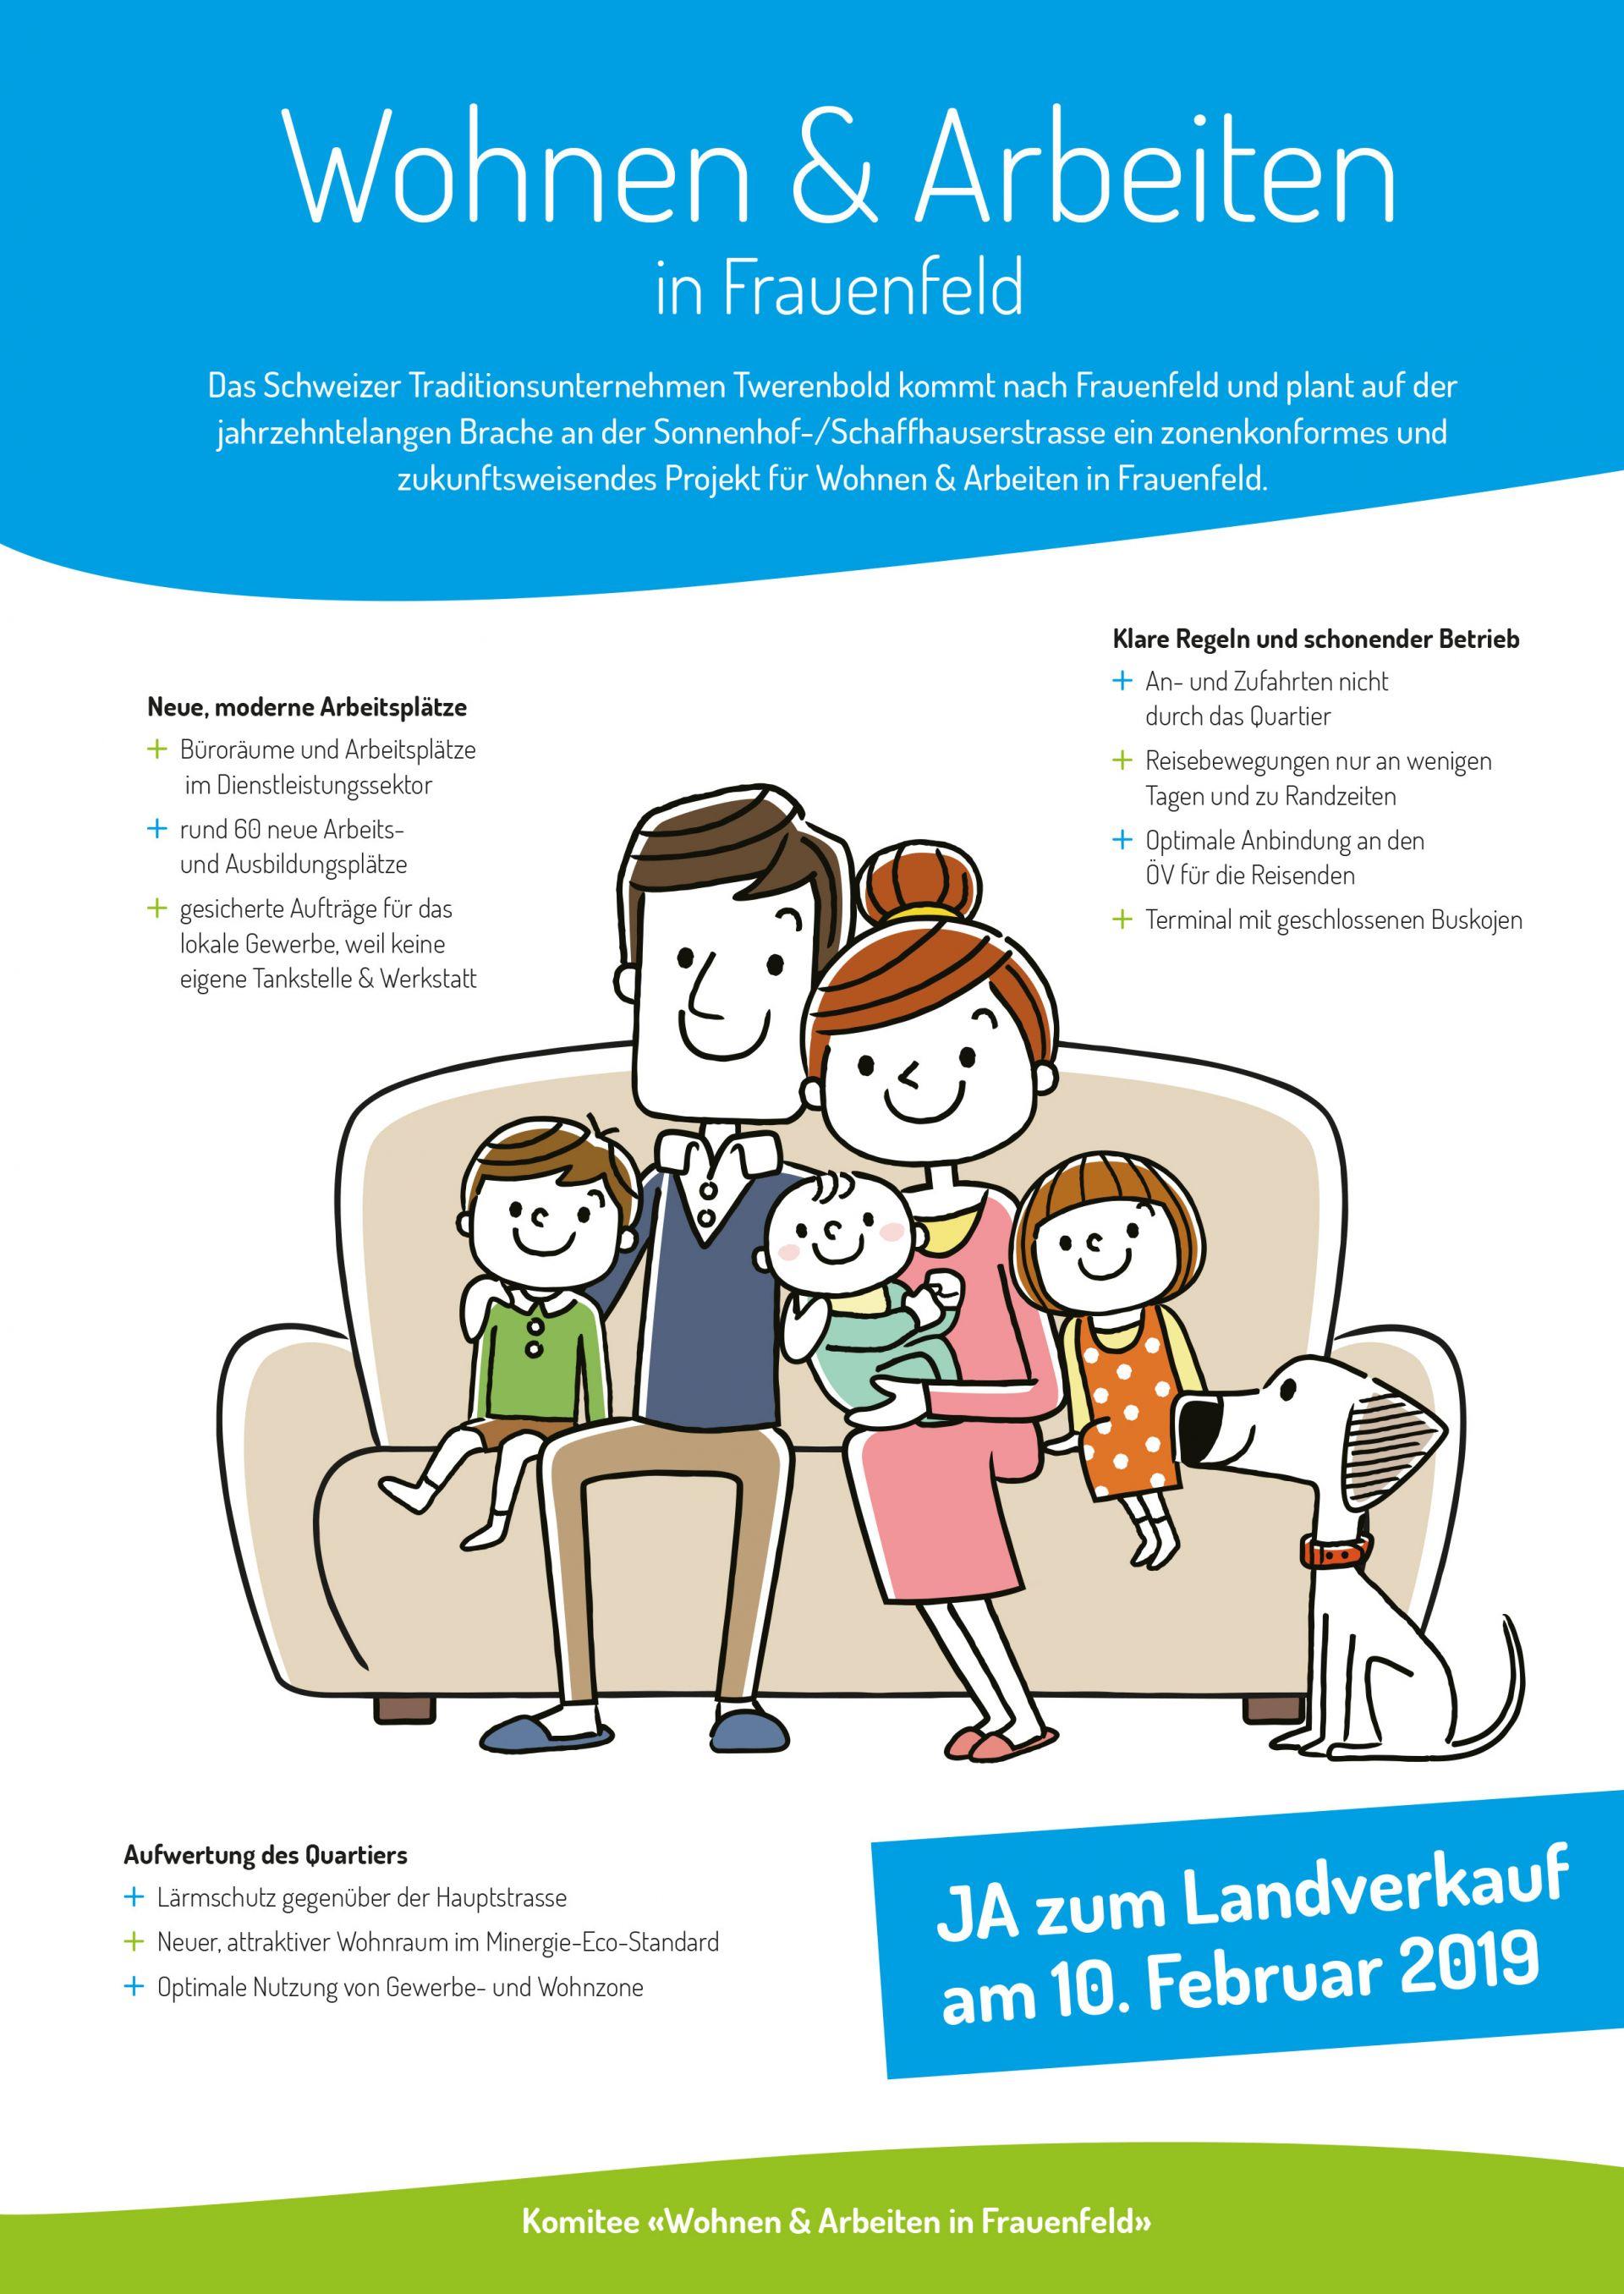 Wohnen & Arbeiten in Frauenfeld